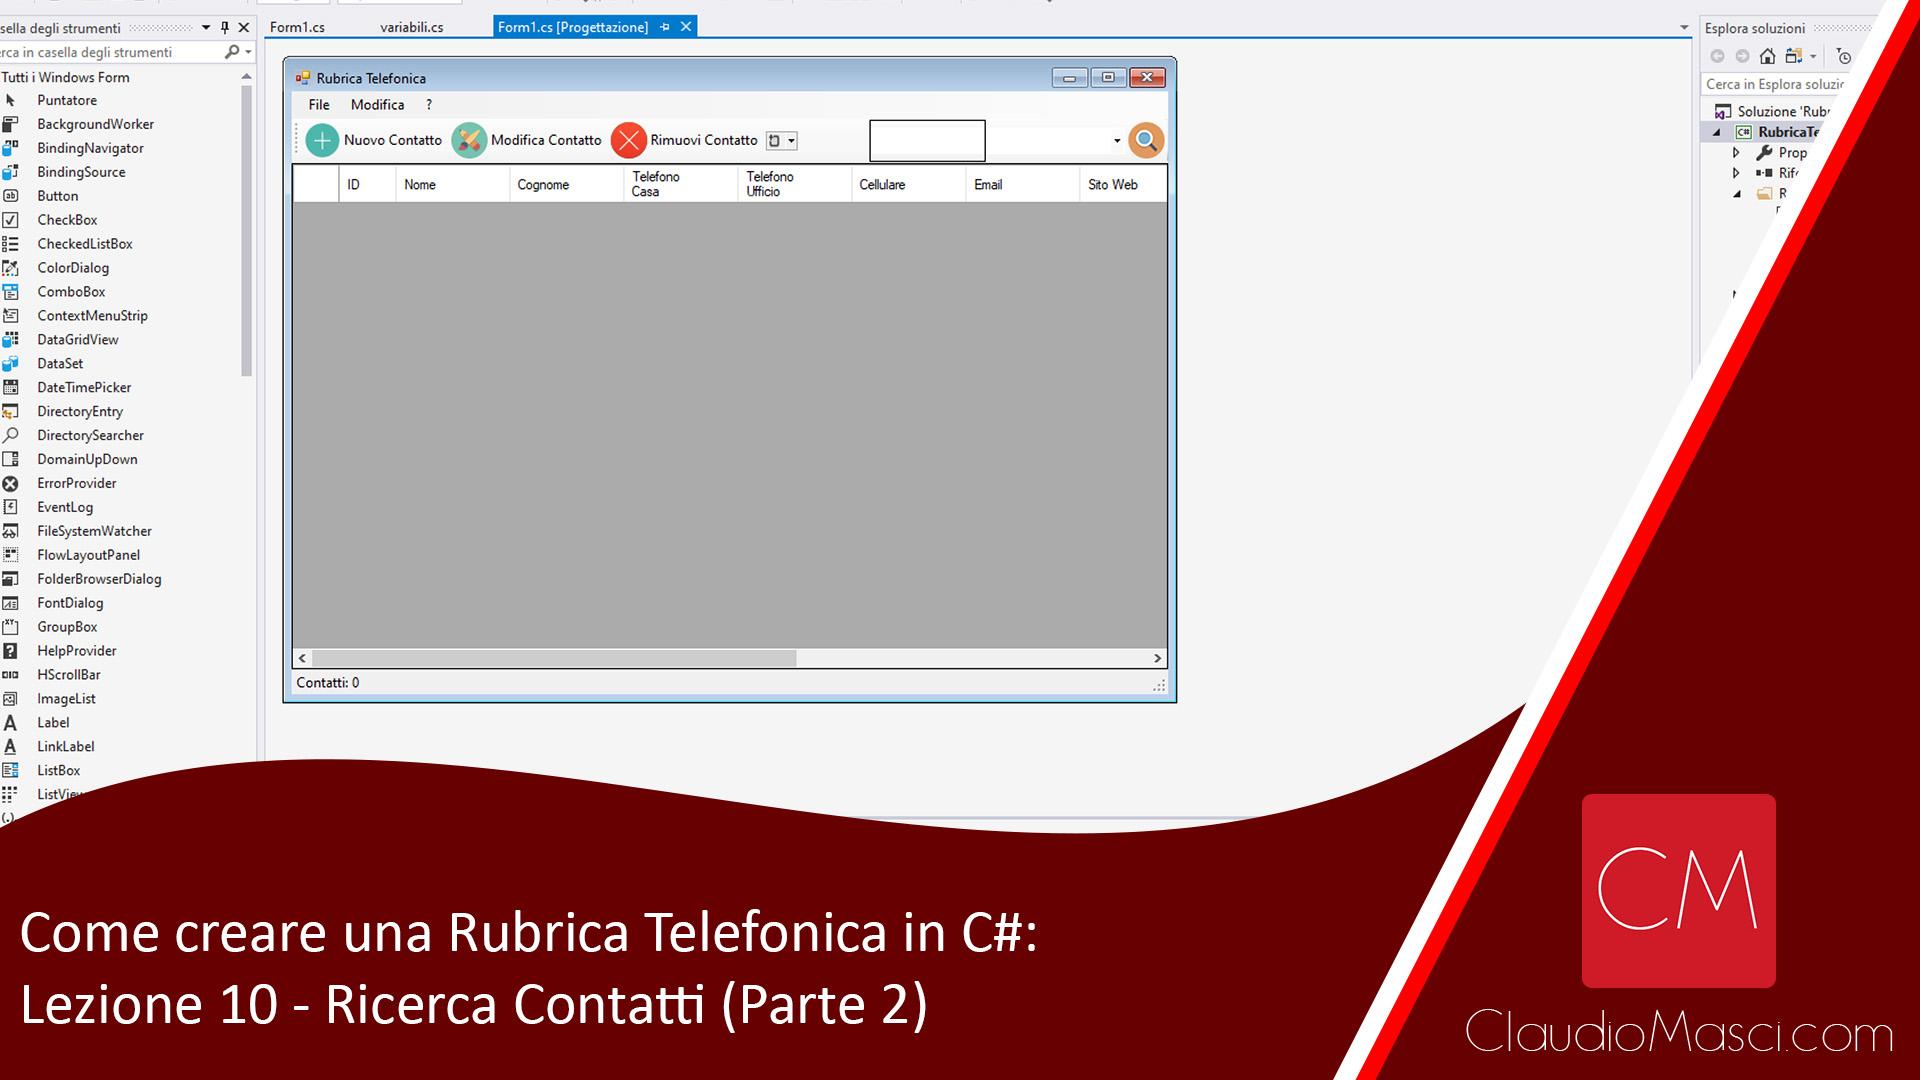 Come creare una Rubrica Telefonica in C#: Lezione 10 – Ricerca Contatti (Parte 2)